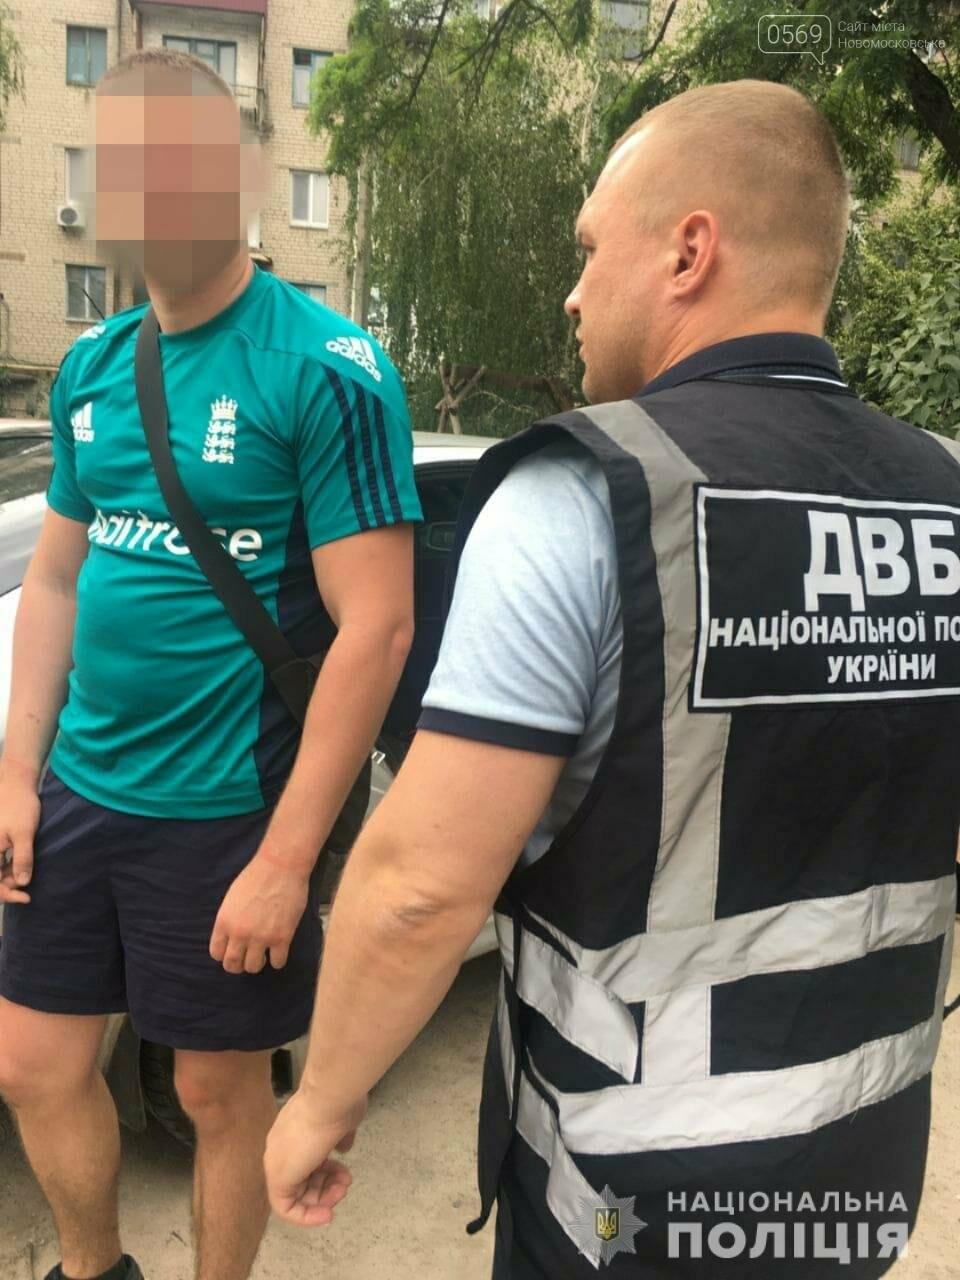 Поліція області затримала злочинну групу квартирних крадіїв-асів, які діяли у місті Новомосковську та в районі, фото-3